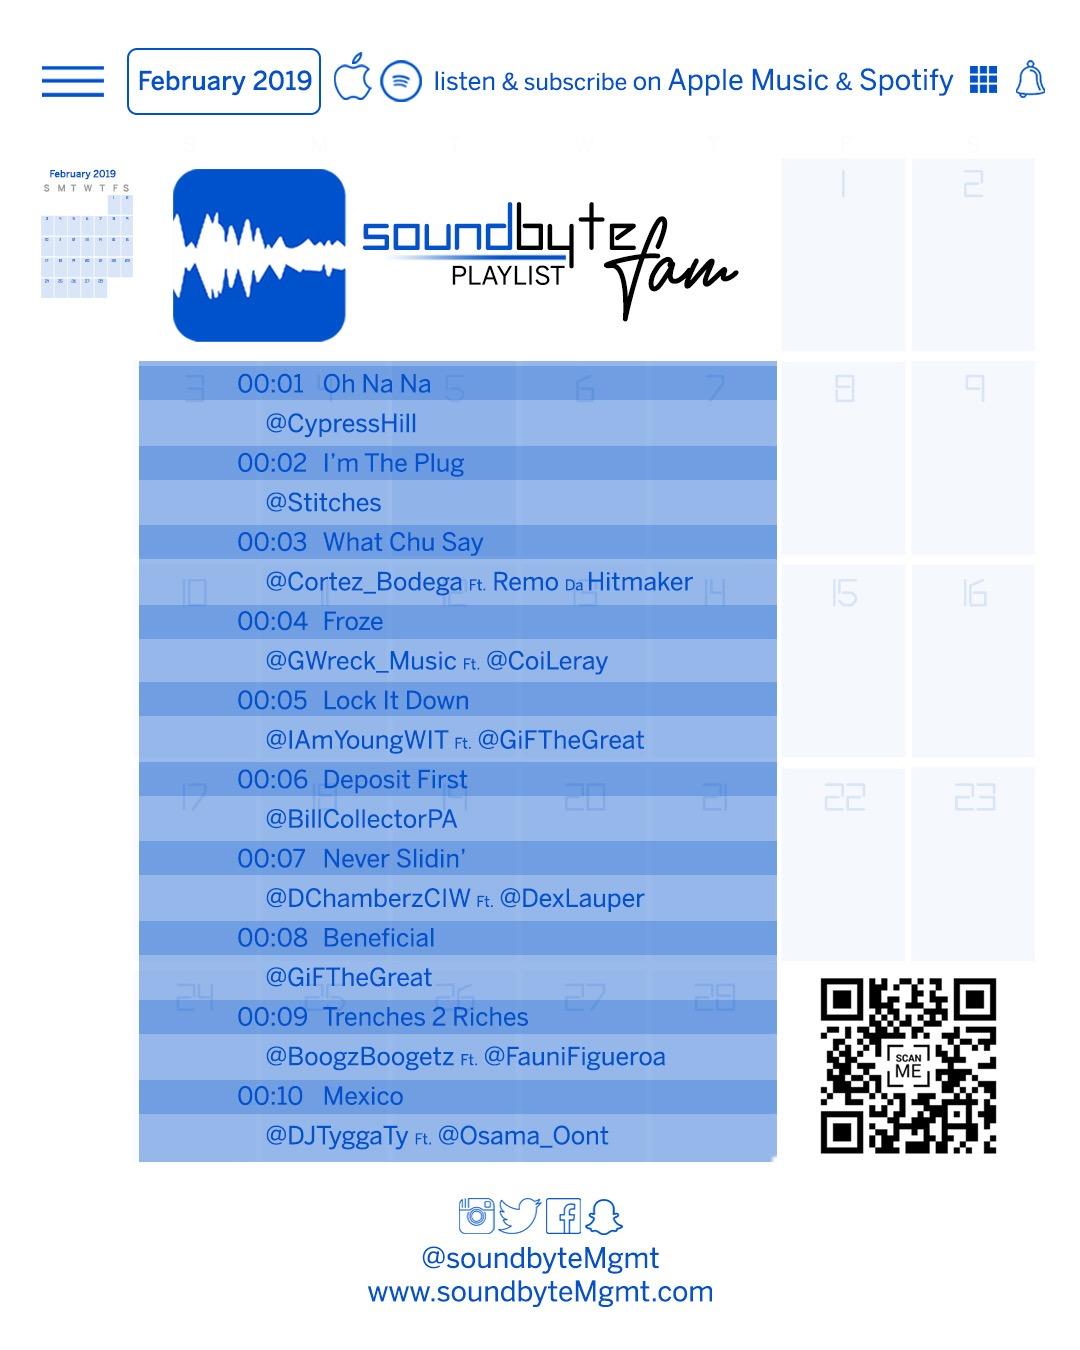 020519 soundbyteFam list